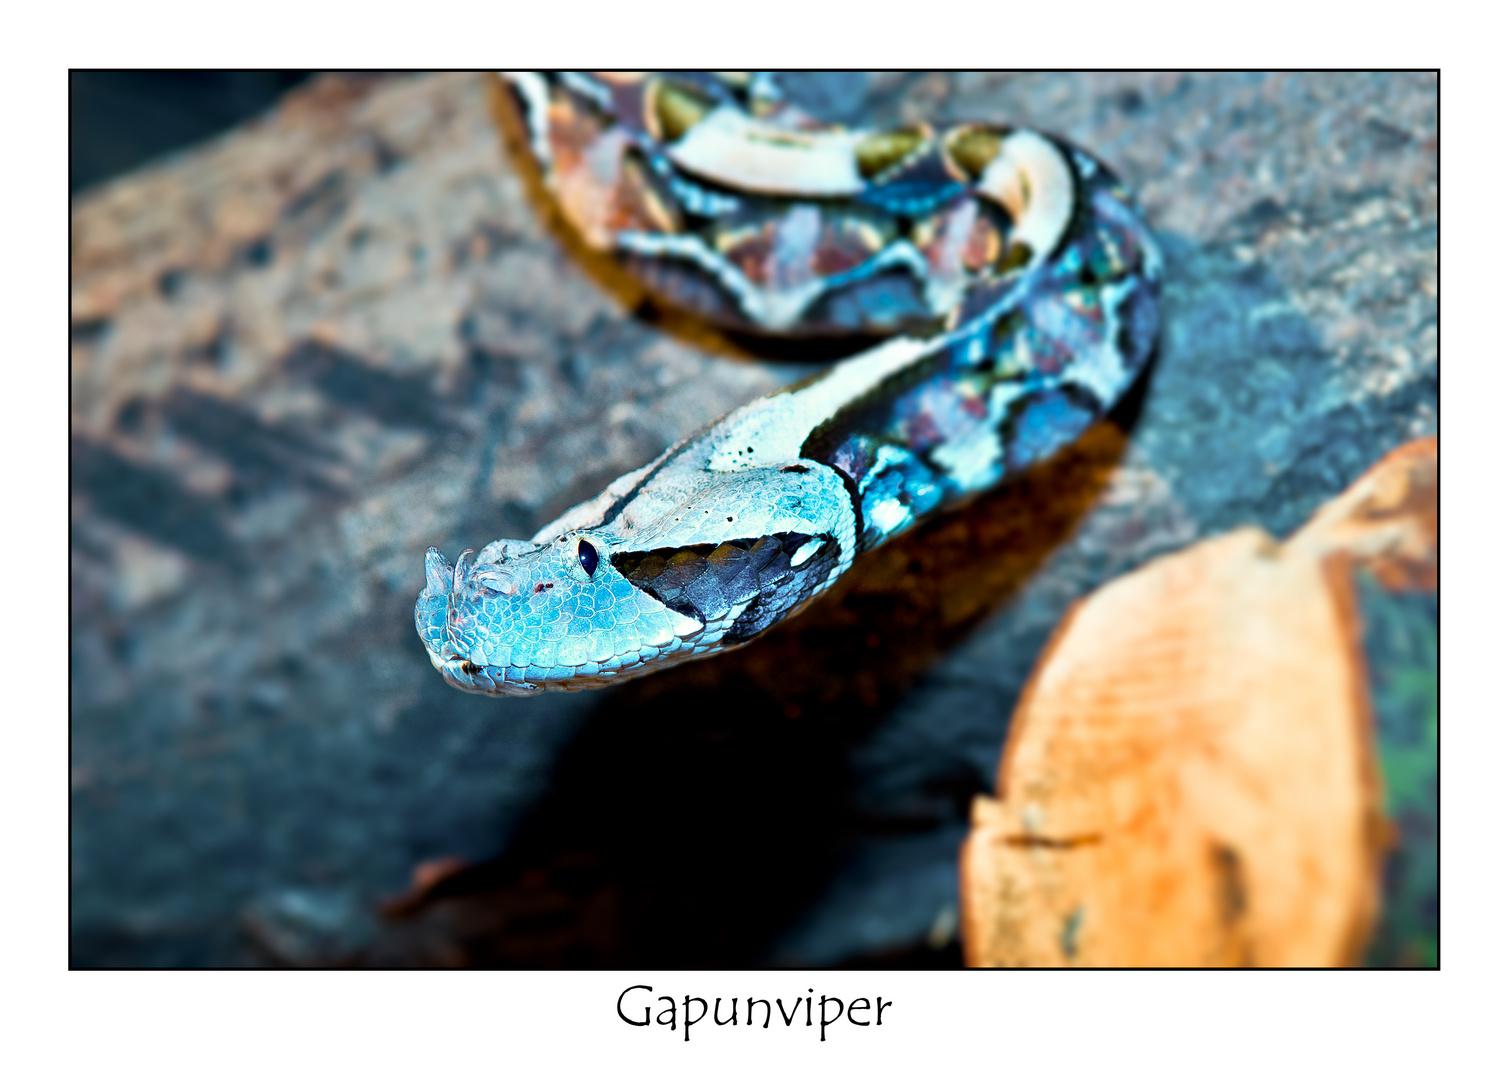 Gapunviper